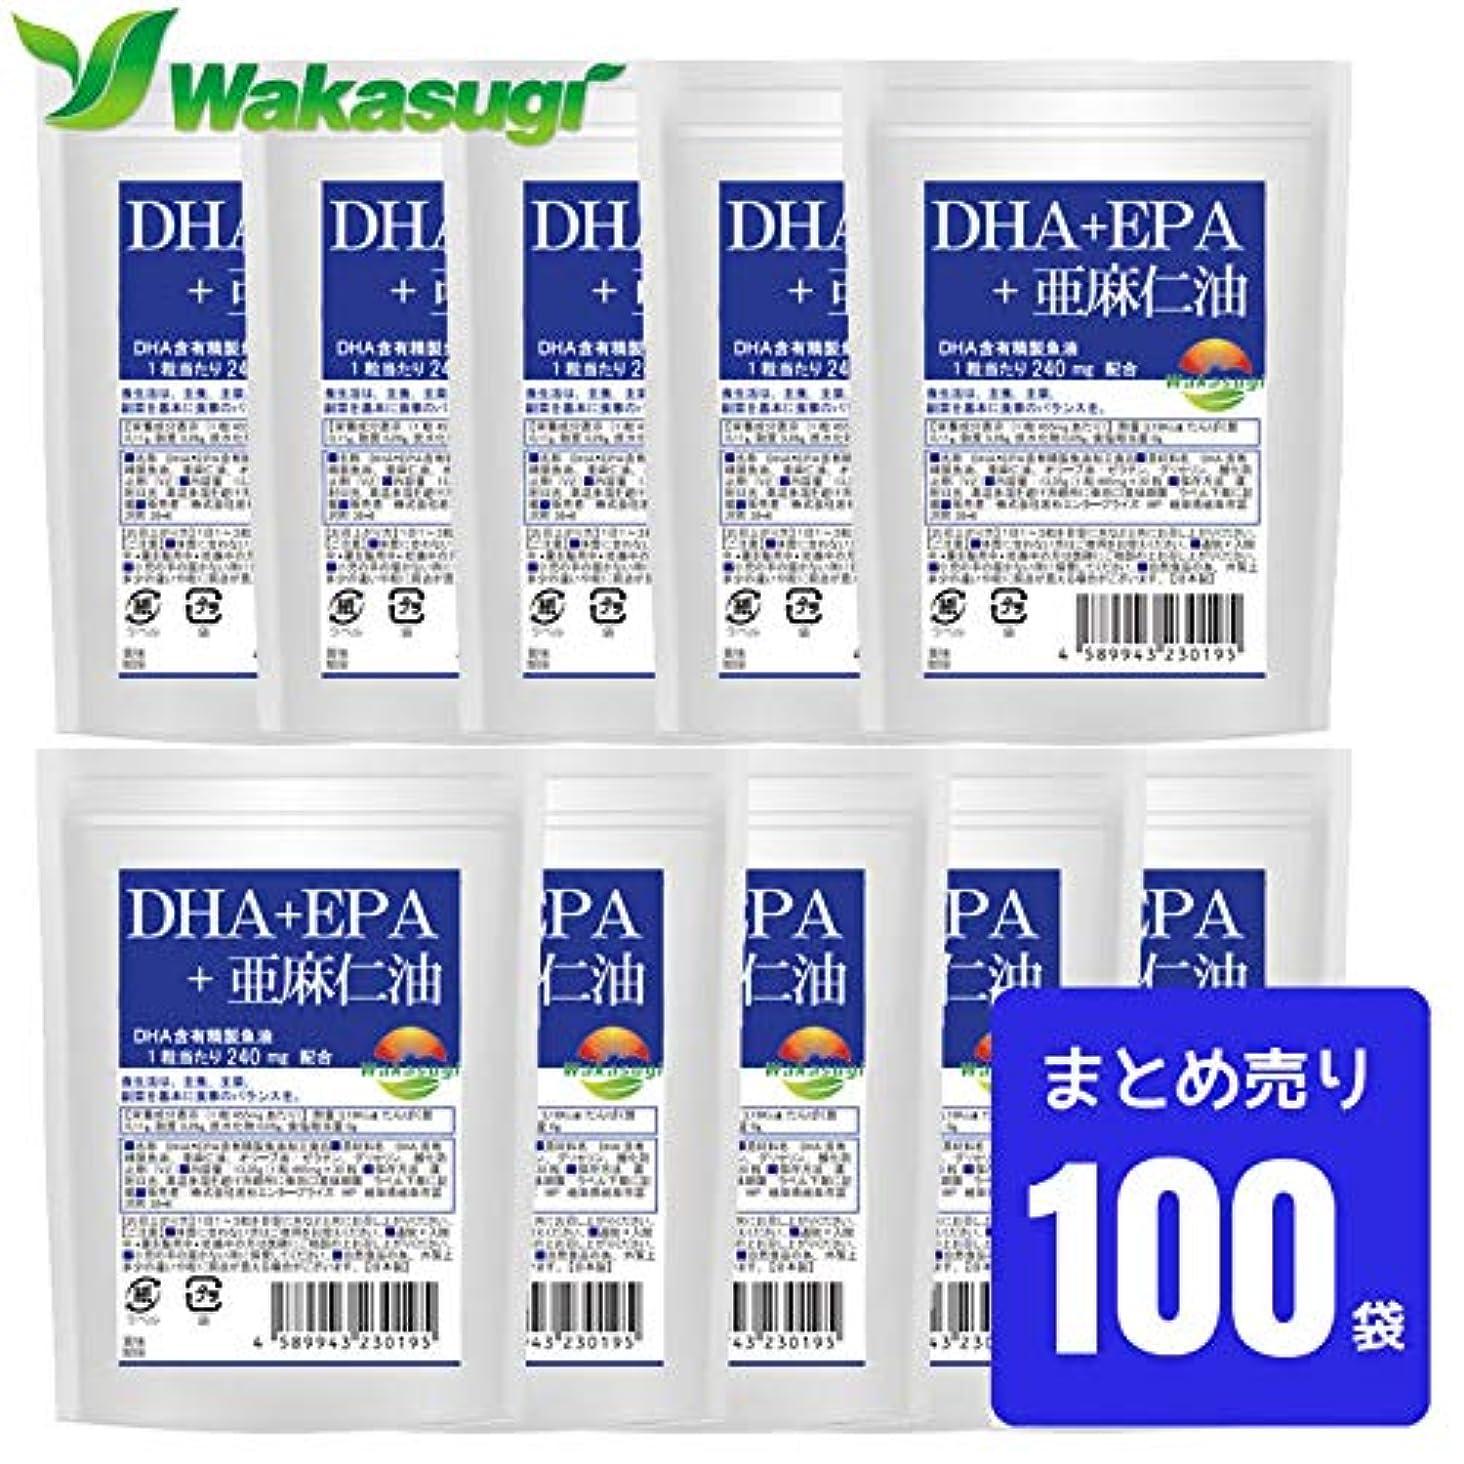 改善タクシー規制DHA+EPA+亜麻仁油 ソフトカプセル30粒 100袋 合計3,000粒 まとめ売り